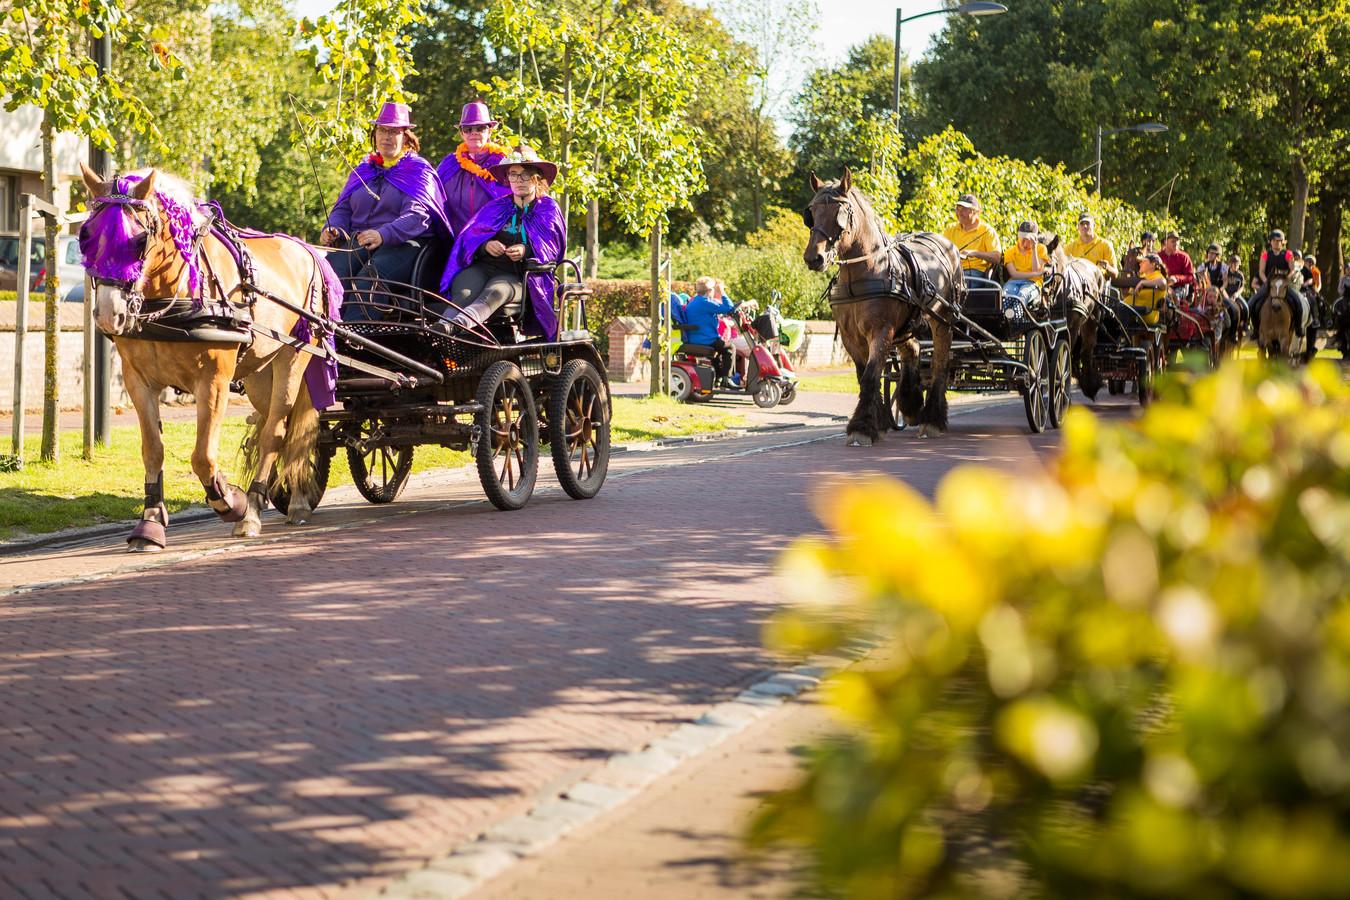 Een optocht van 250 paarden met ruiters en menners door de Huijbergse dorpskern vormde een aantal jaar geleden de grande finale van de Huijbergse Paarden3daagse.